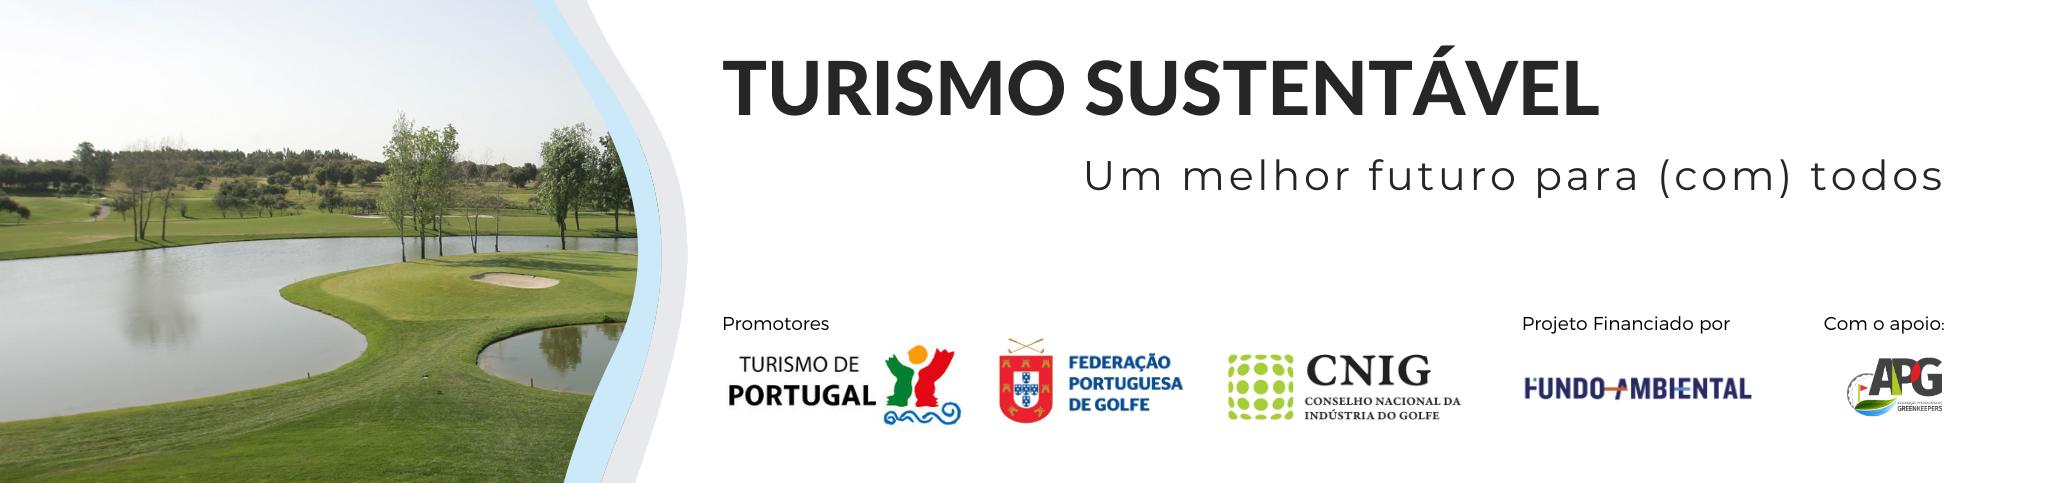 Eficiência hídrica nos campos de golfe em Portugal